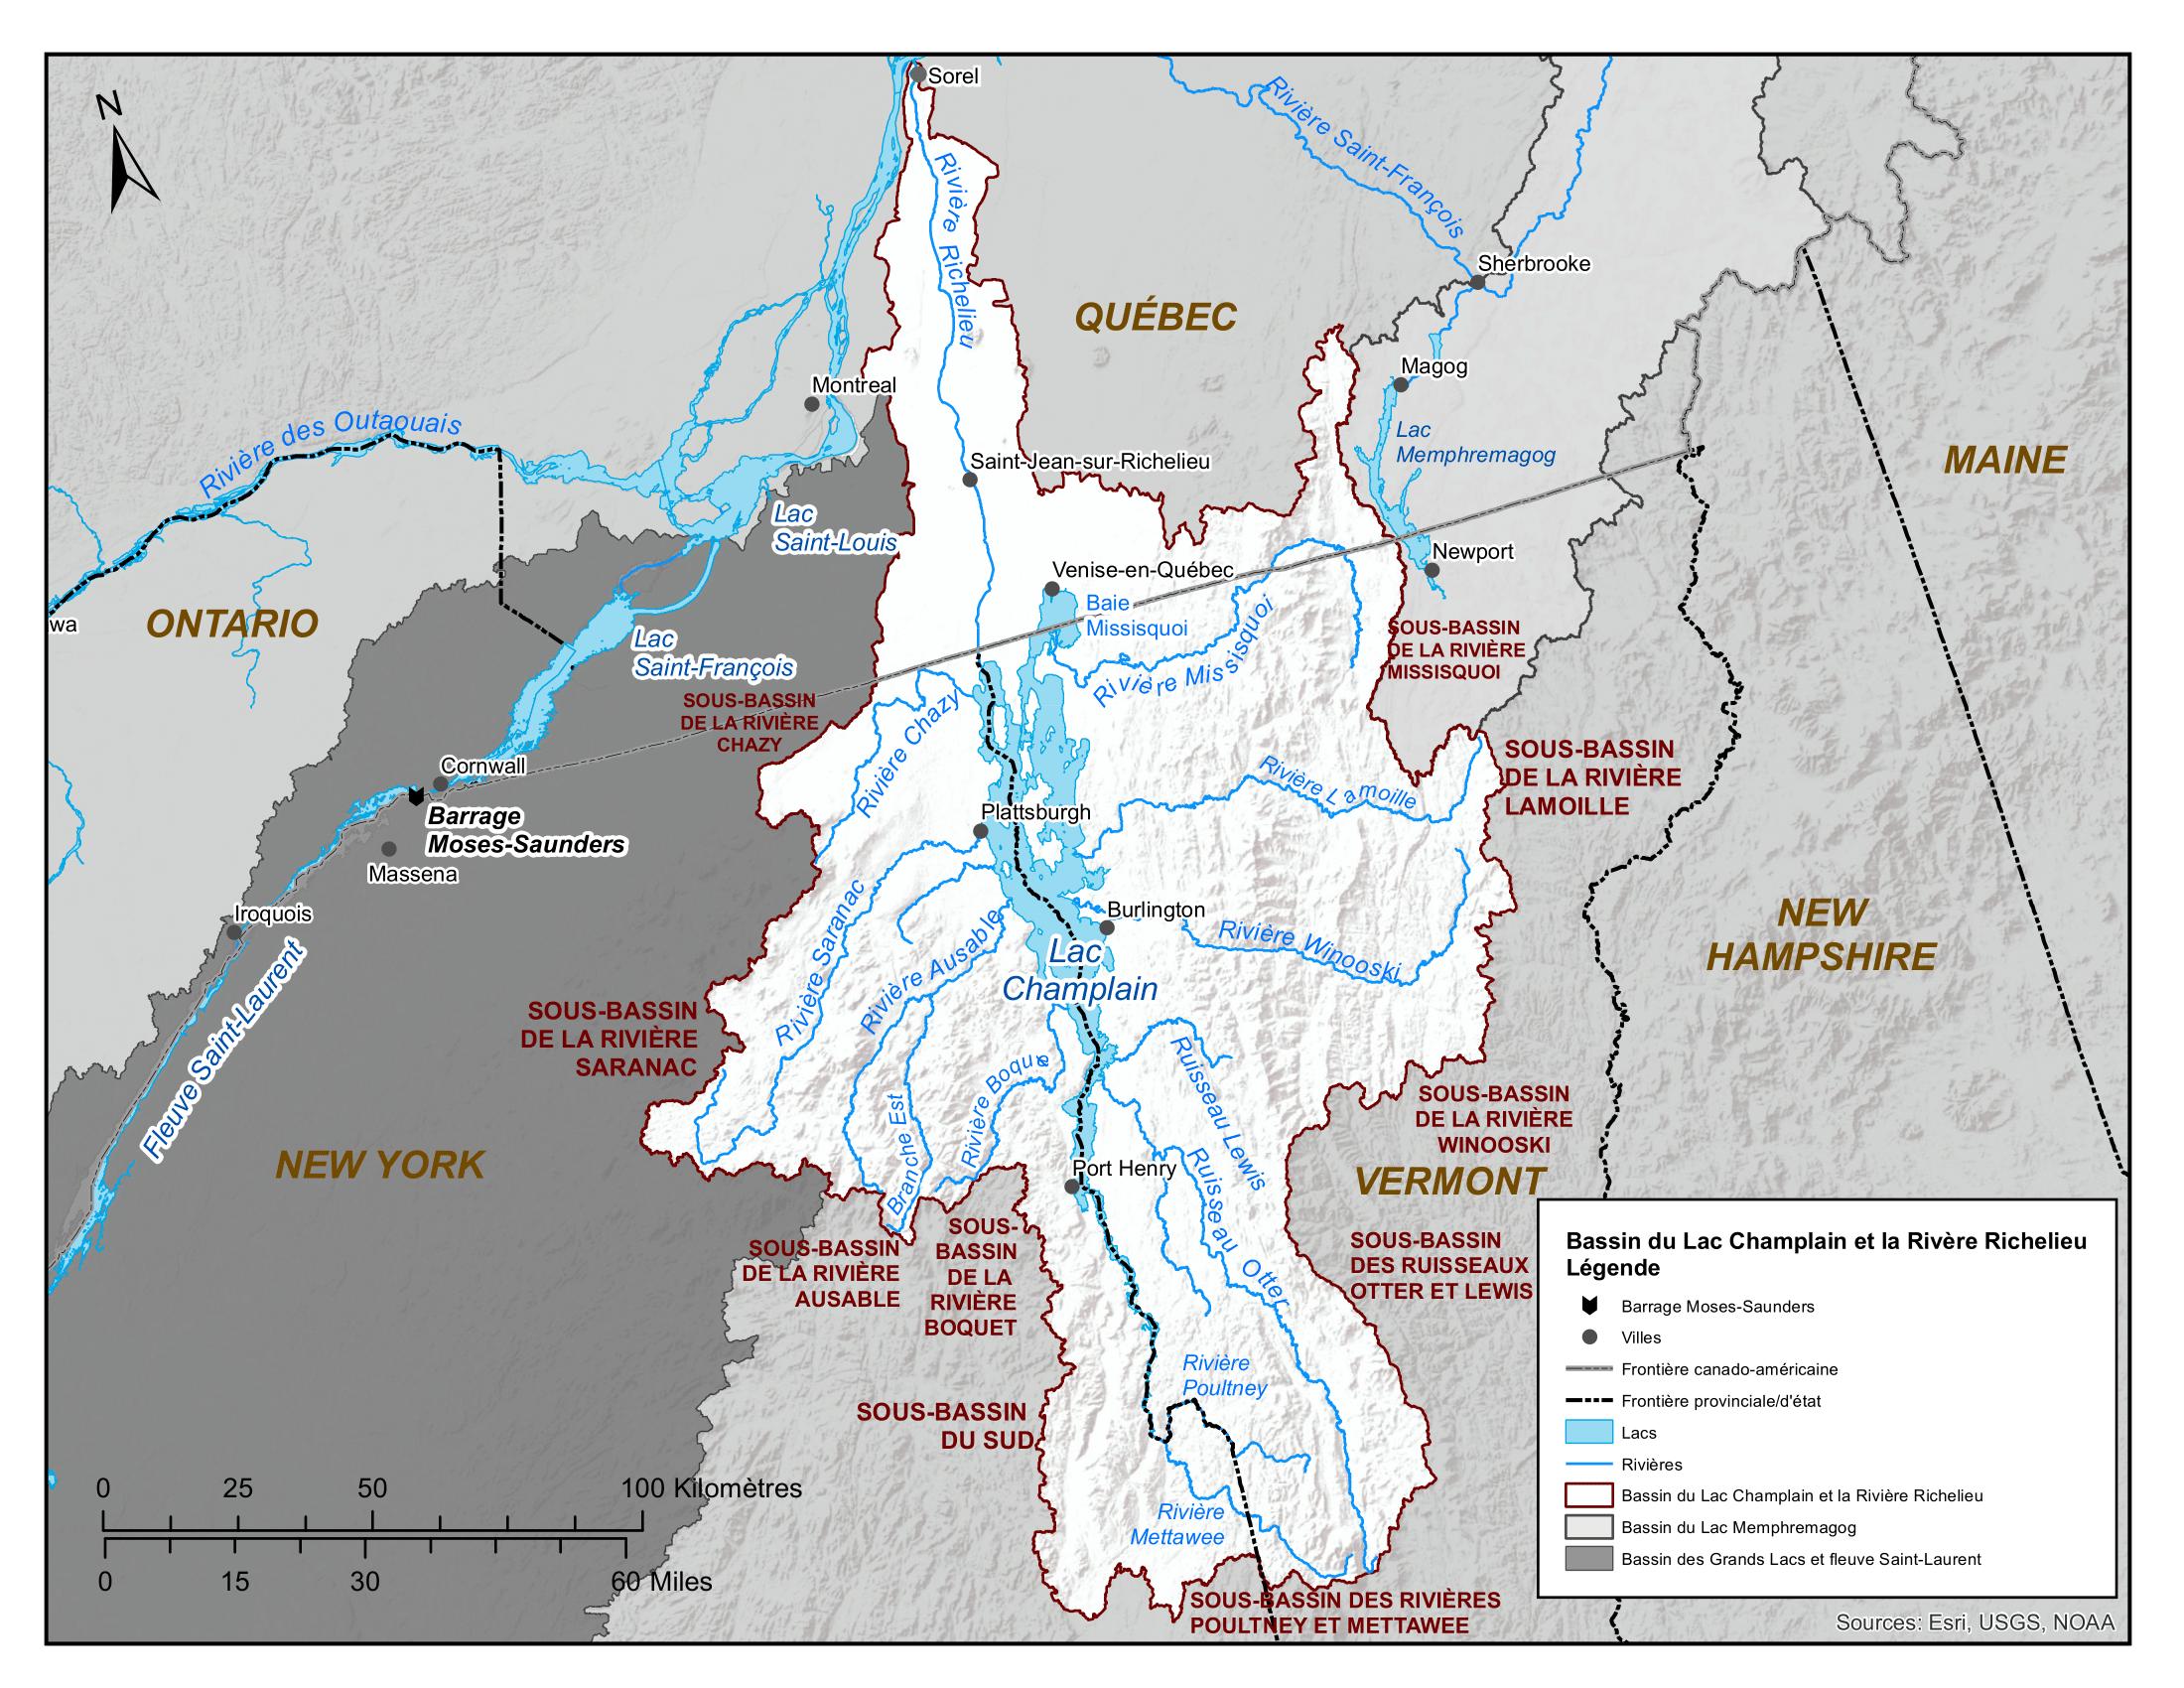 Carte - Bassin du lac Champlain et de la rivière Richelieu